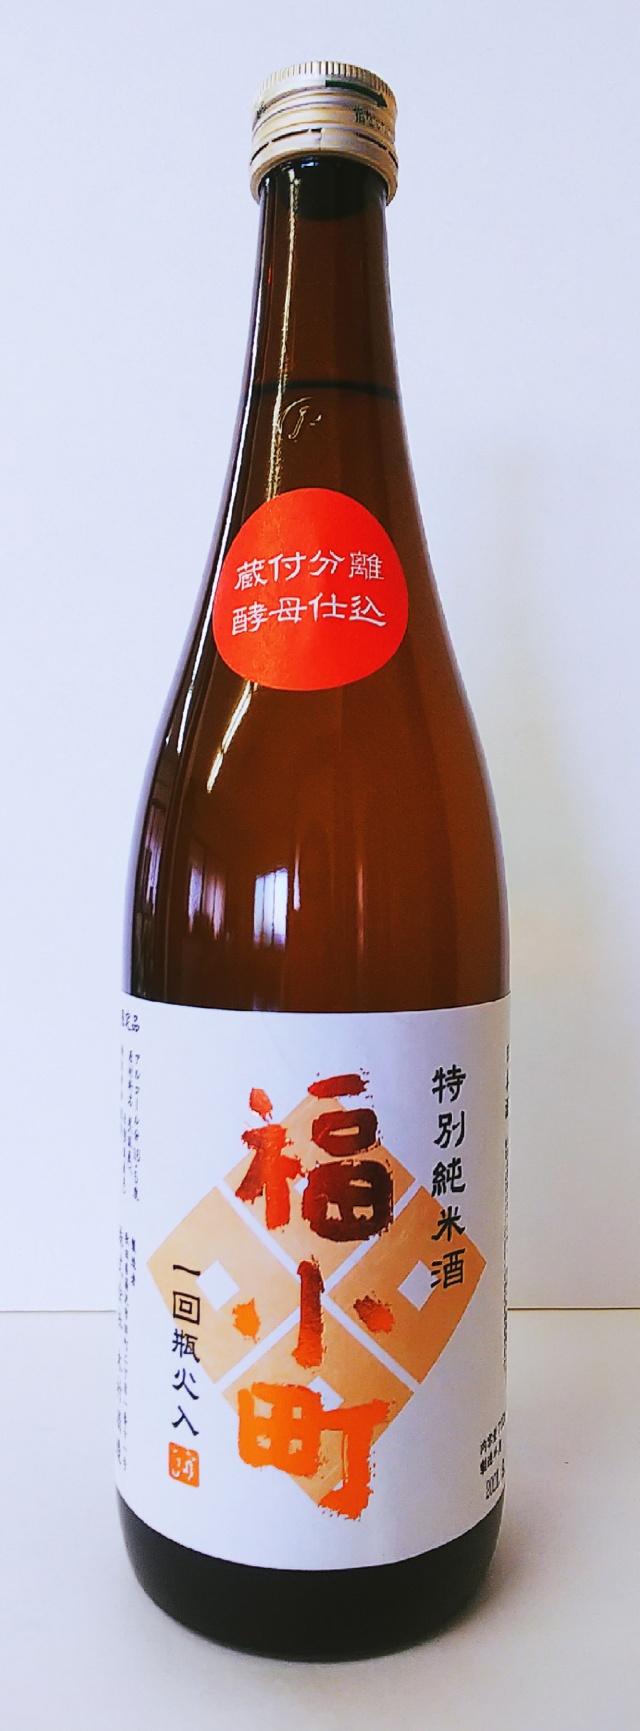 【数量限定!】福小町 特別純米 蔵付55 (720ml)